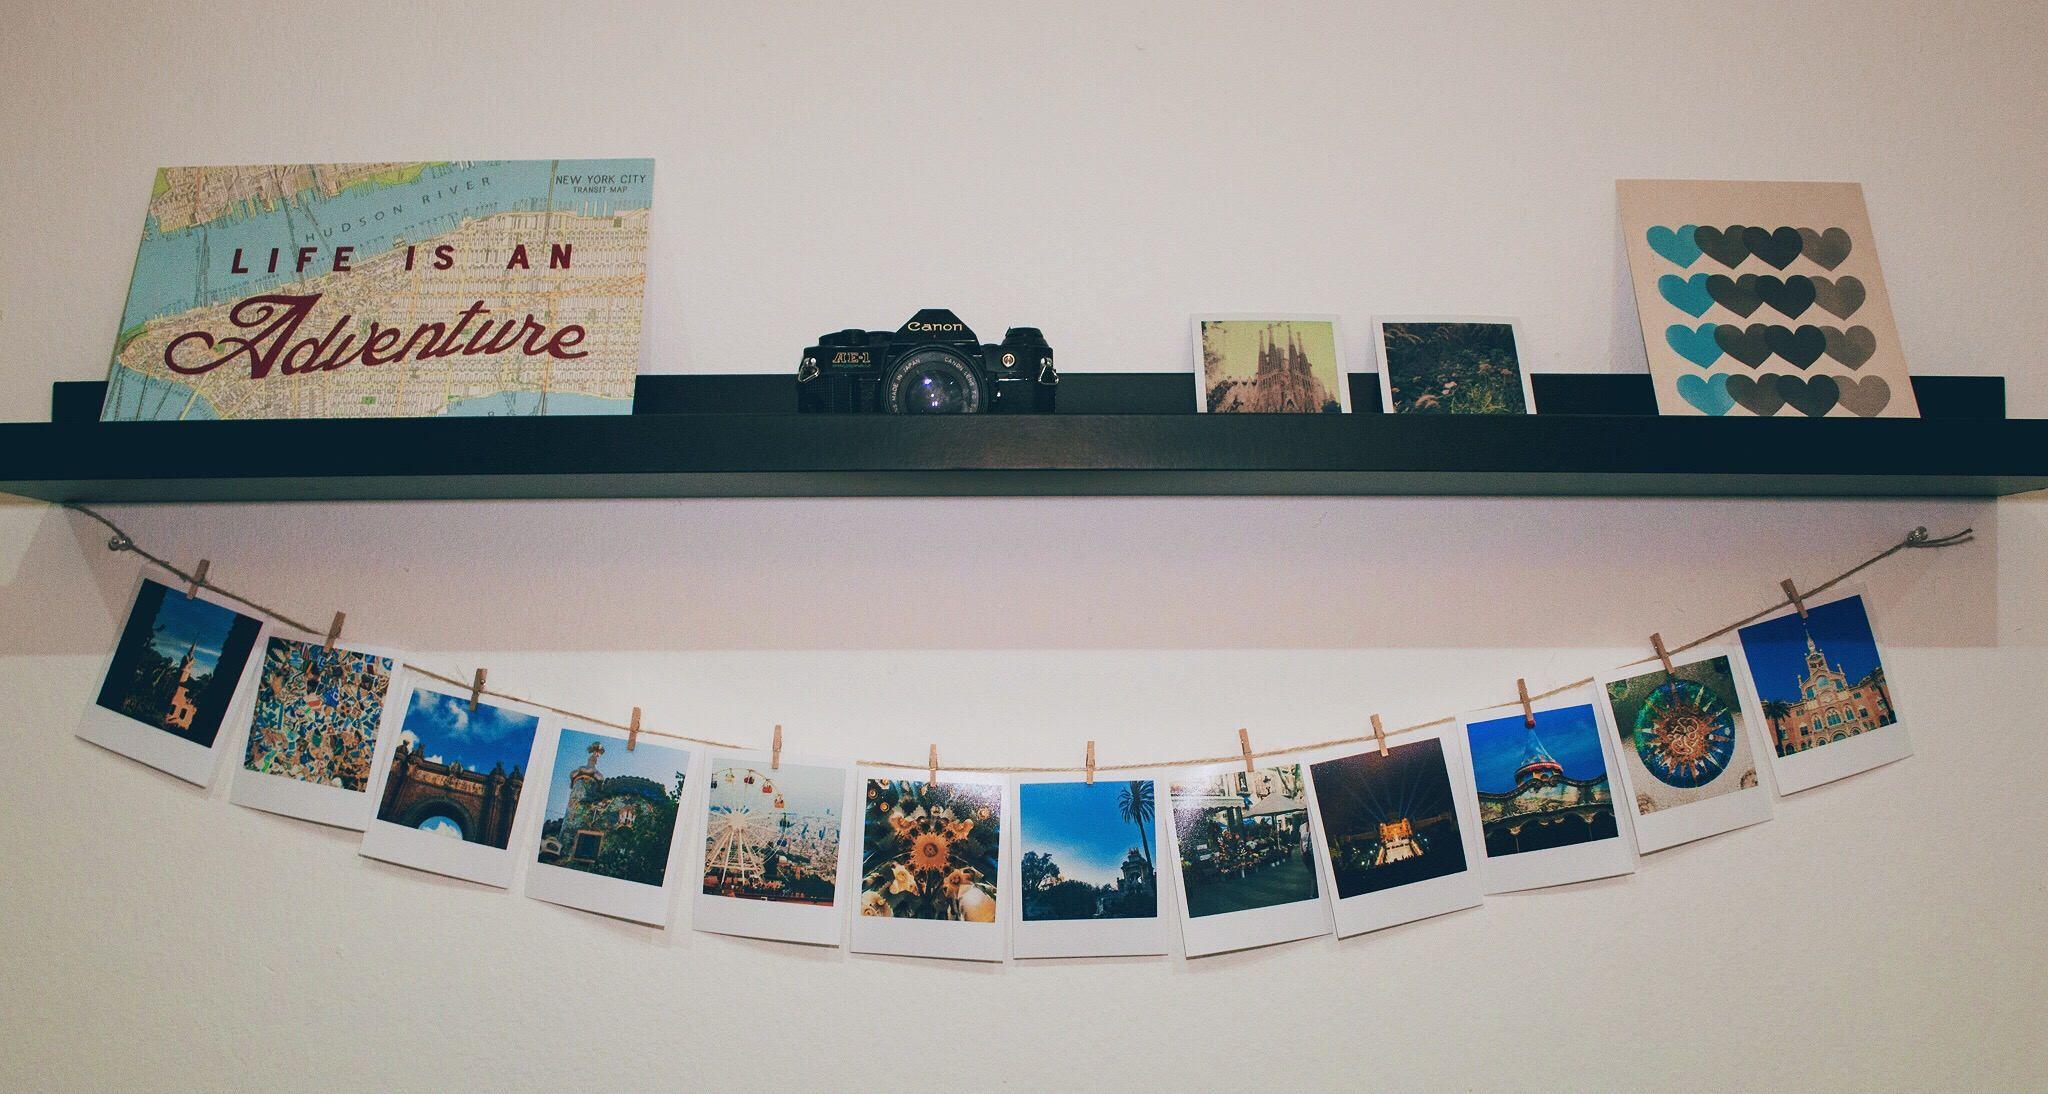 Estampados Polaroid De Barcelona Set De 12 Impresiones Etsy Photography Gallery Wall Gallery Wall Set Photography Gallery